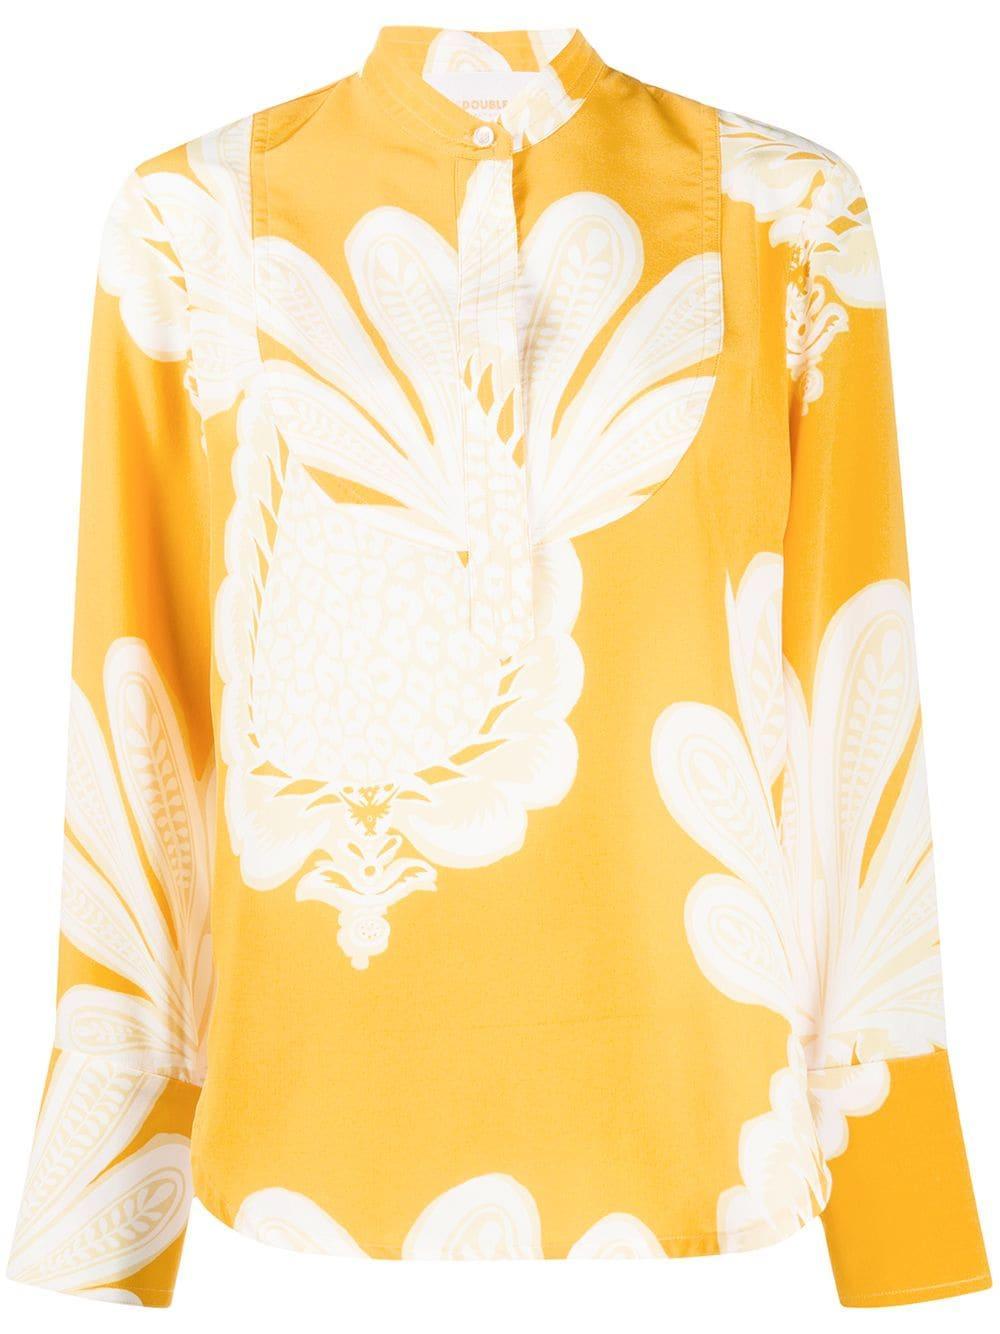 Portofino Printed Silk Shirt Item # SHI0046-CRE001